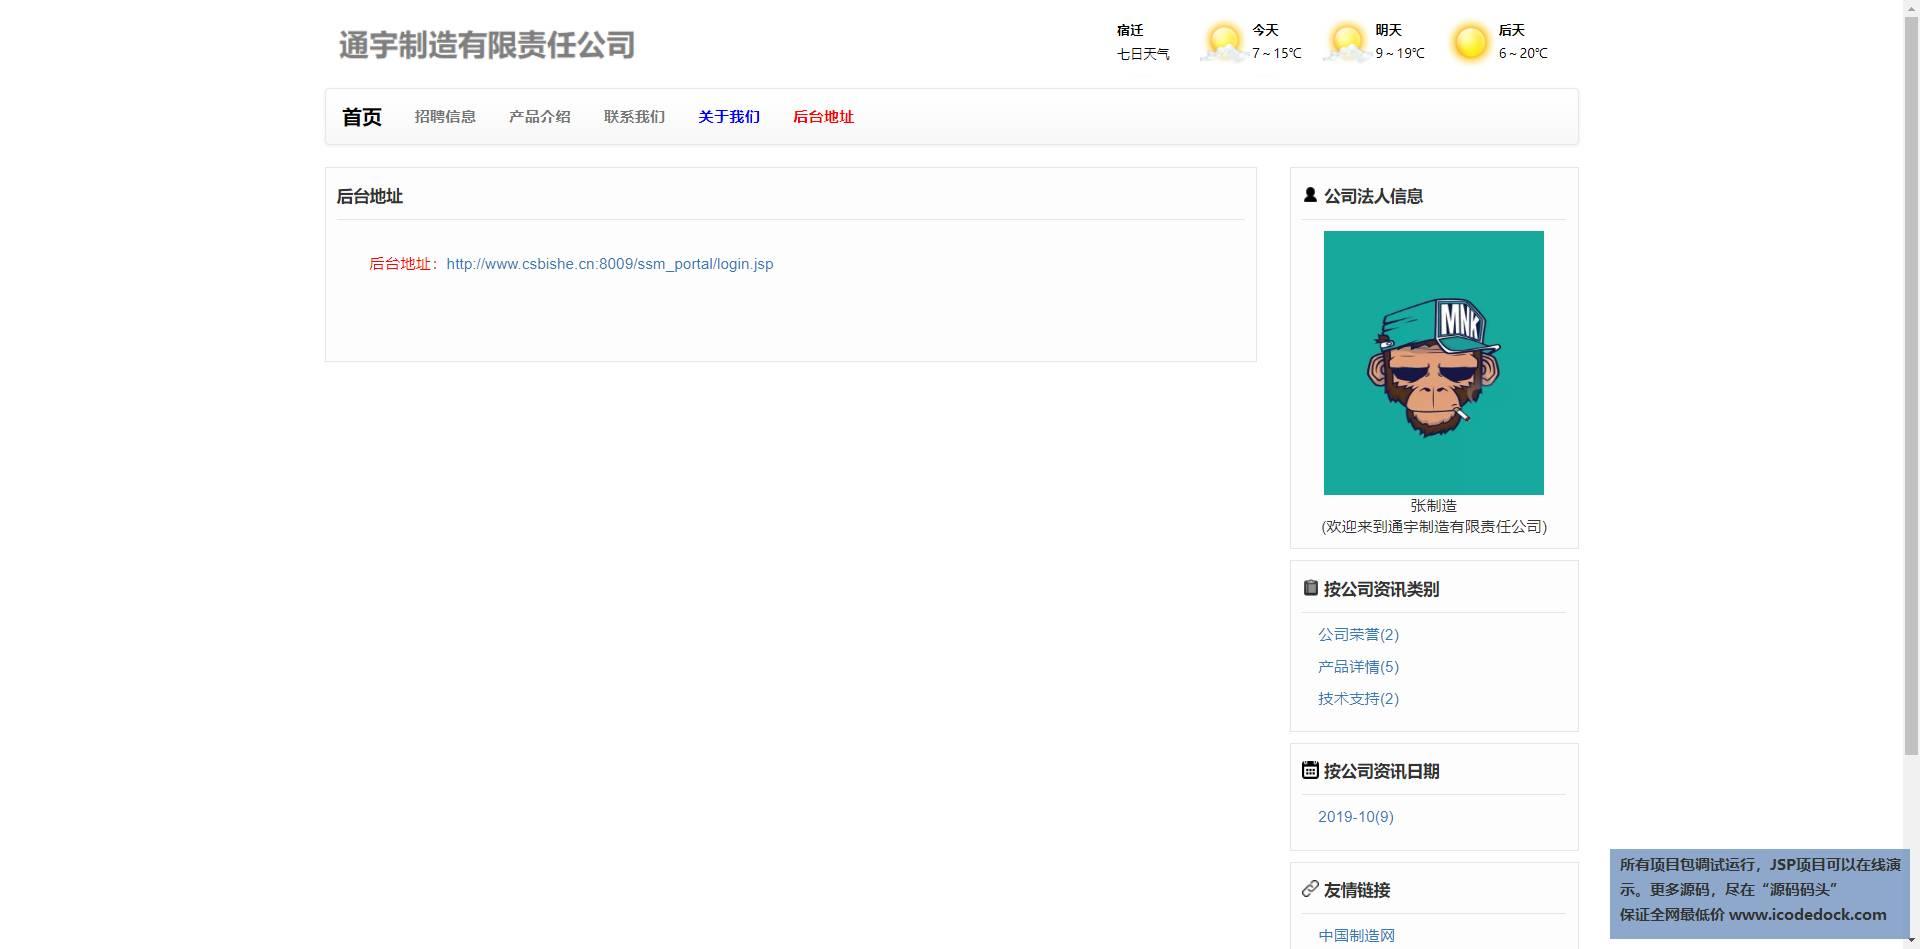 源码码头-SSM企业官方网站-用户角色-后台地址